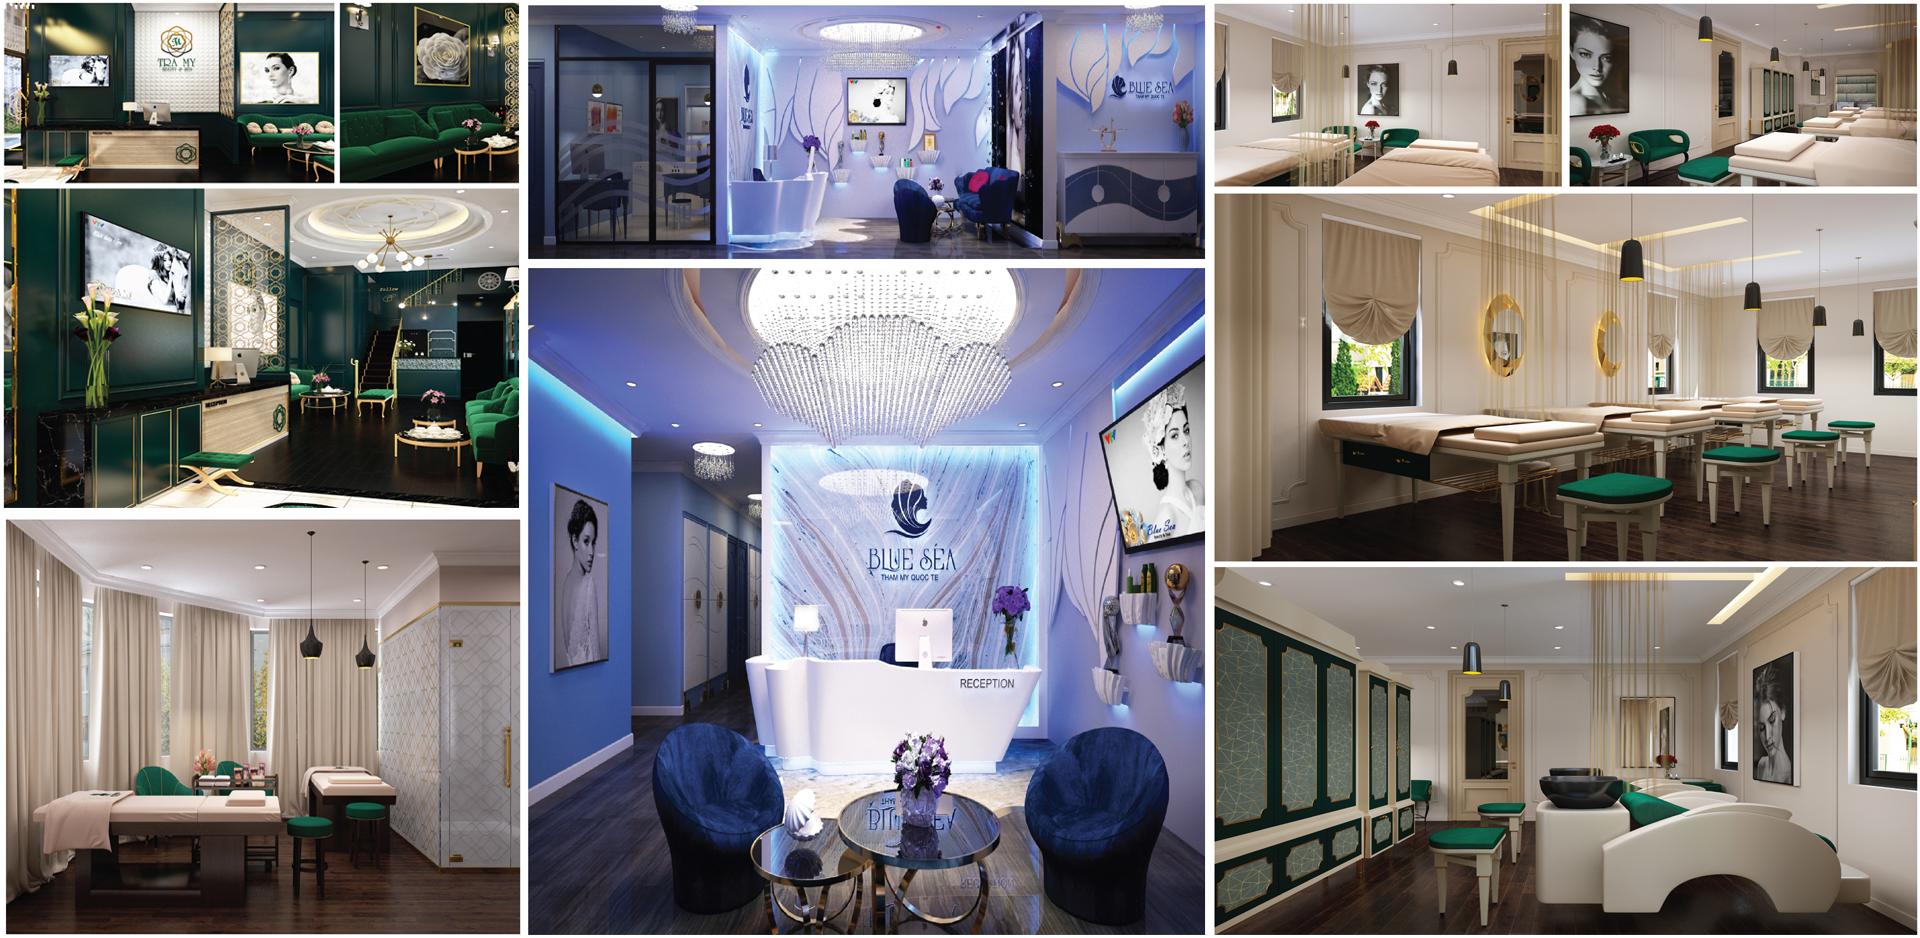 Manchio - Thiết kế, Thi công thẩm mỹ viện Spa , Beauty Saloon, Resort đẳng cấp nhất tại Việt Nam